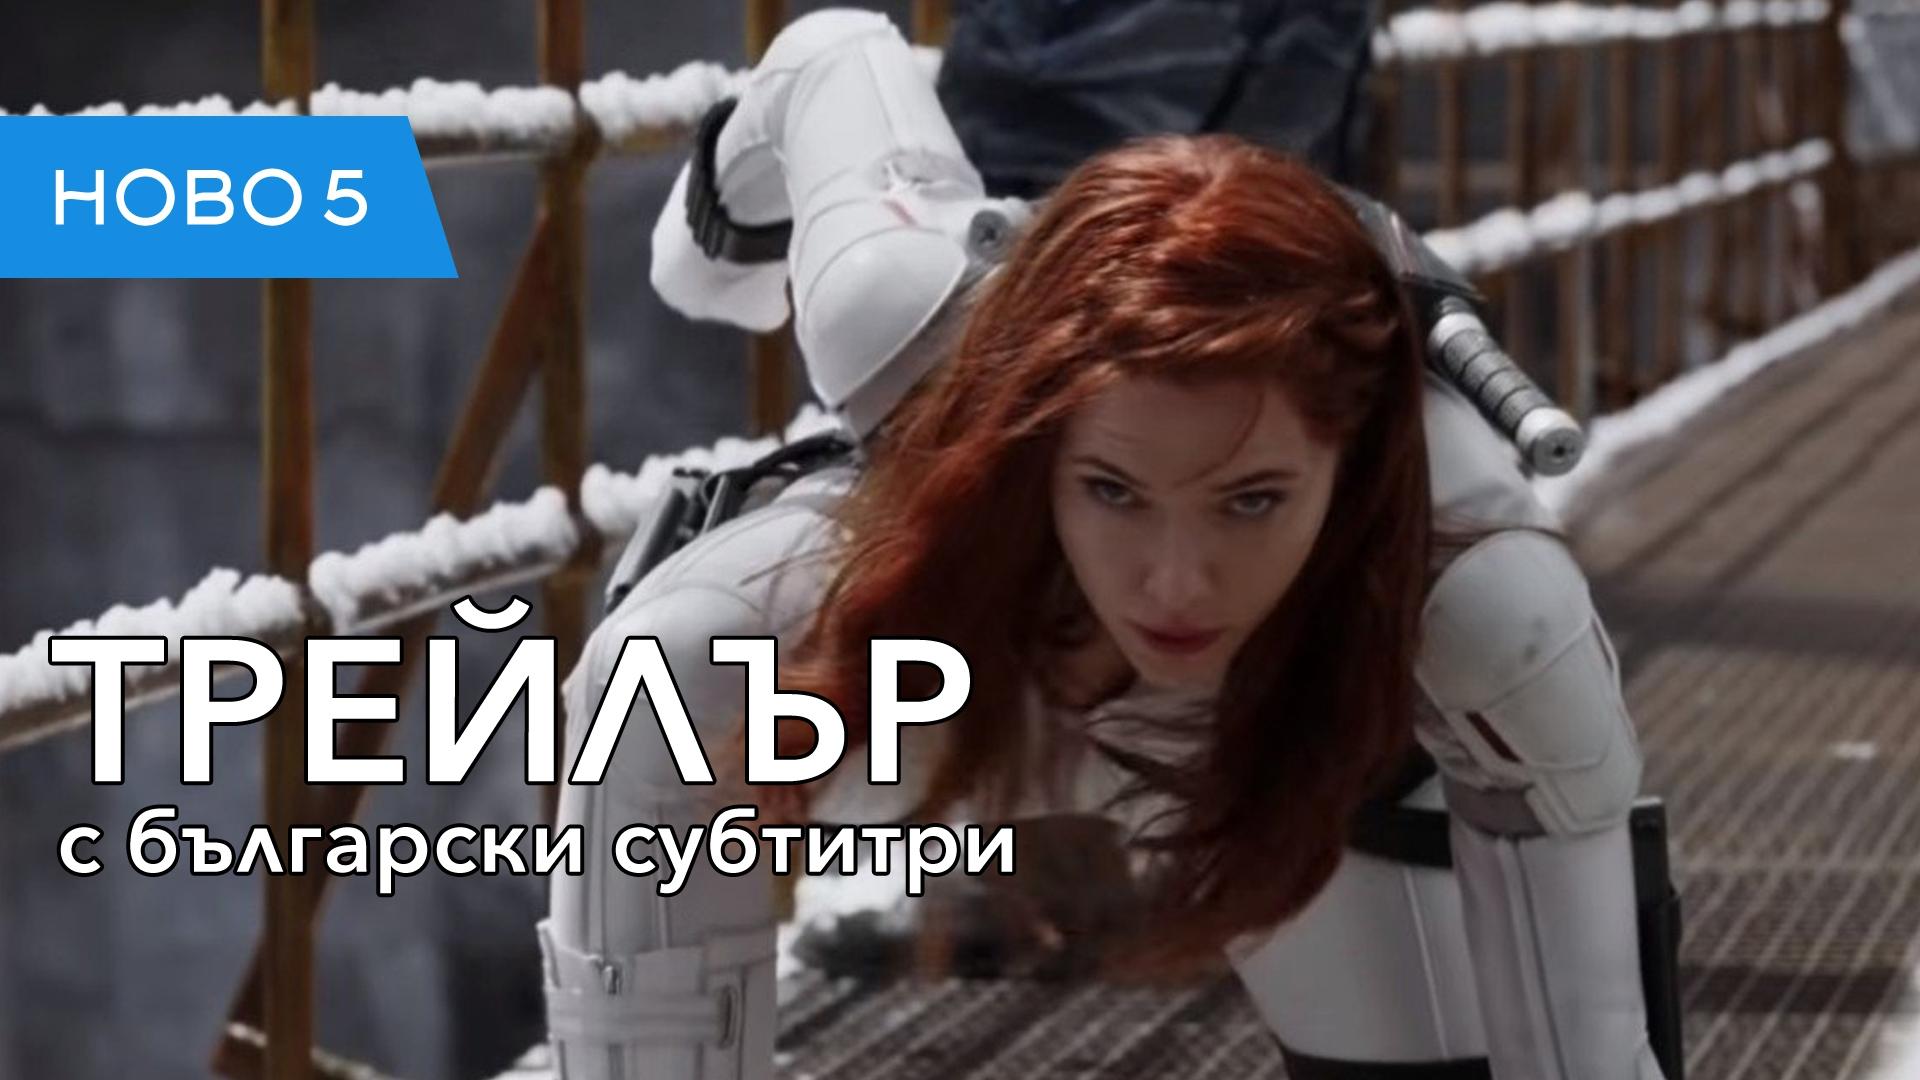 Черната вдовица (2020) втори трейлър с български субтитри